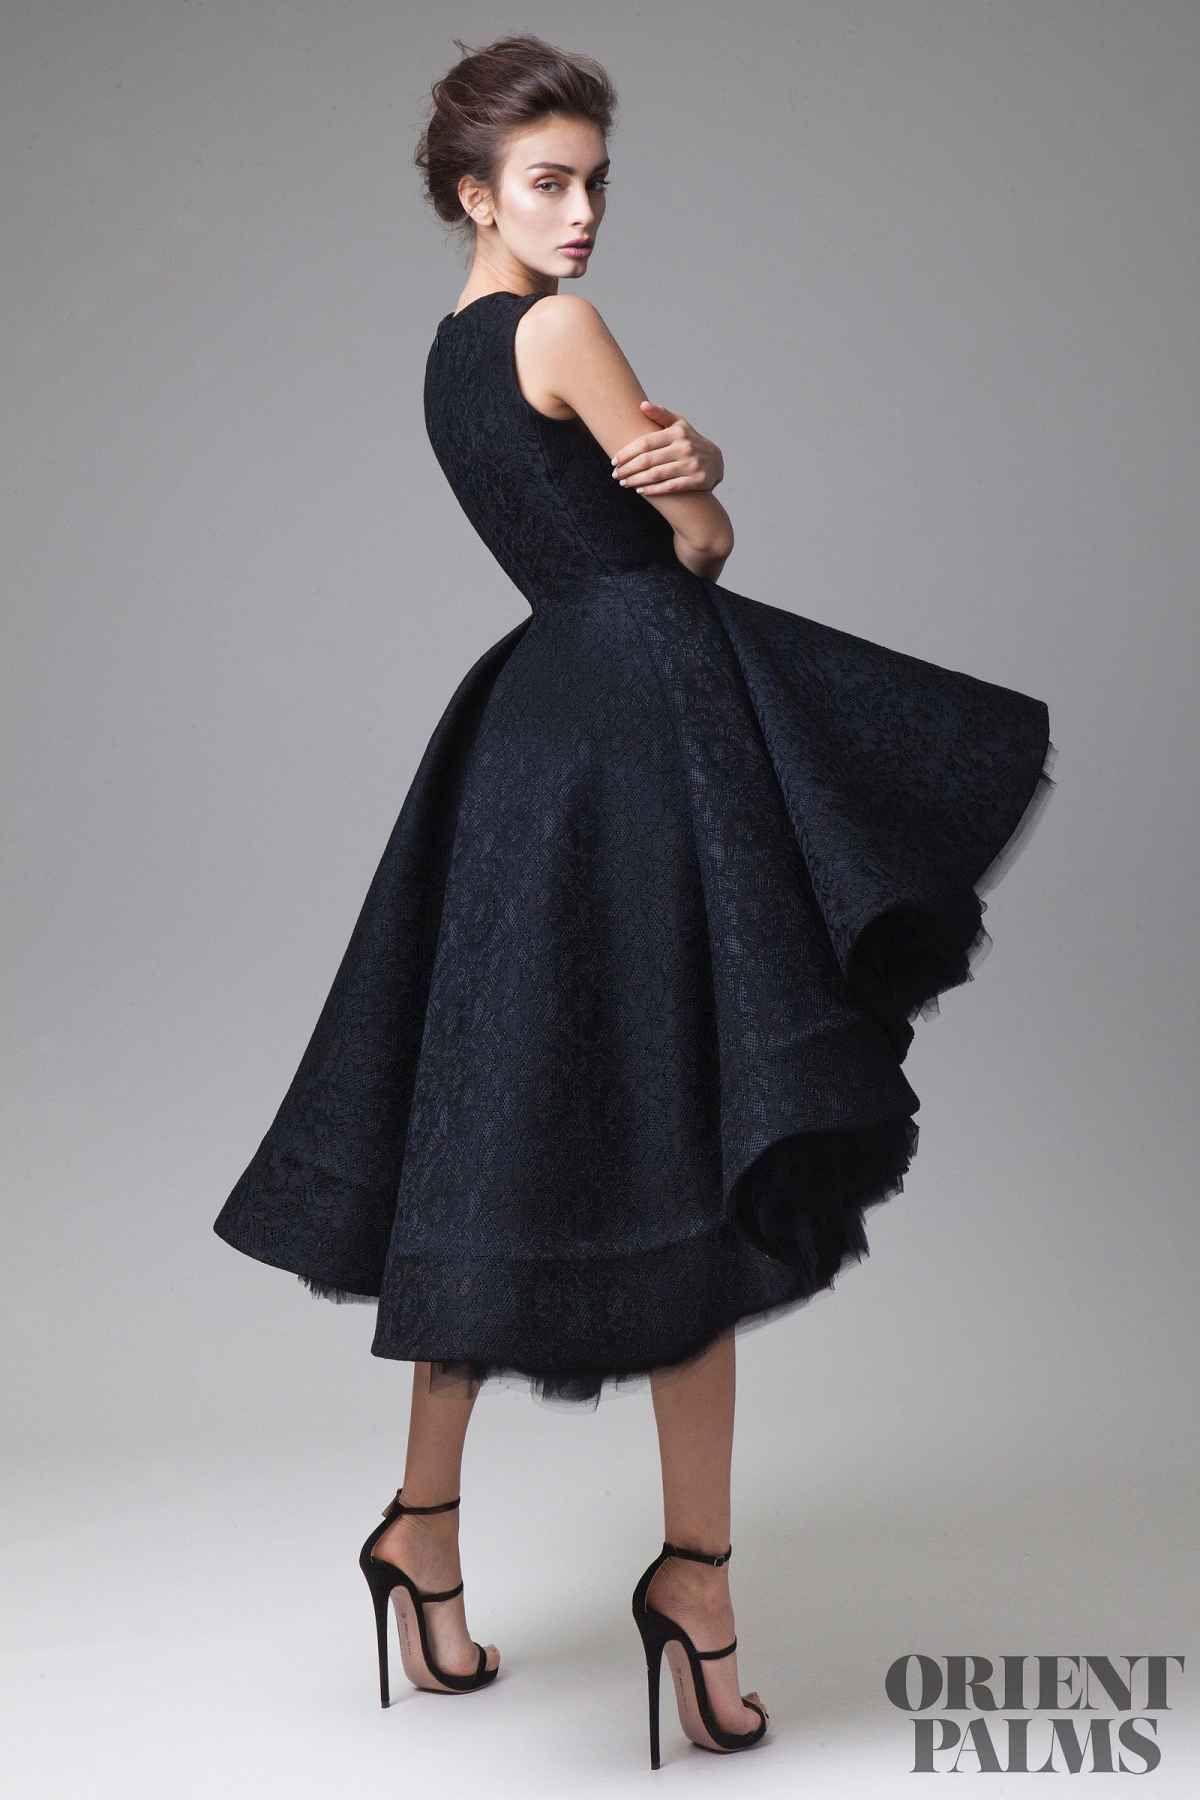 schwarzes kleid zur hochzeit